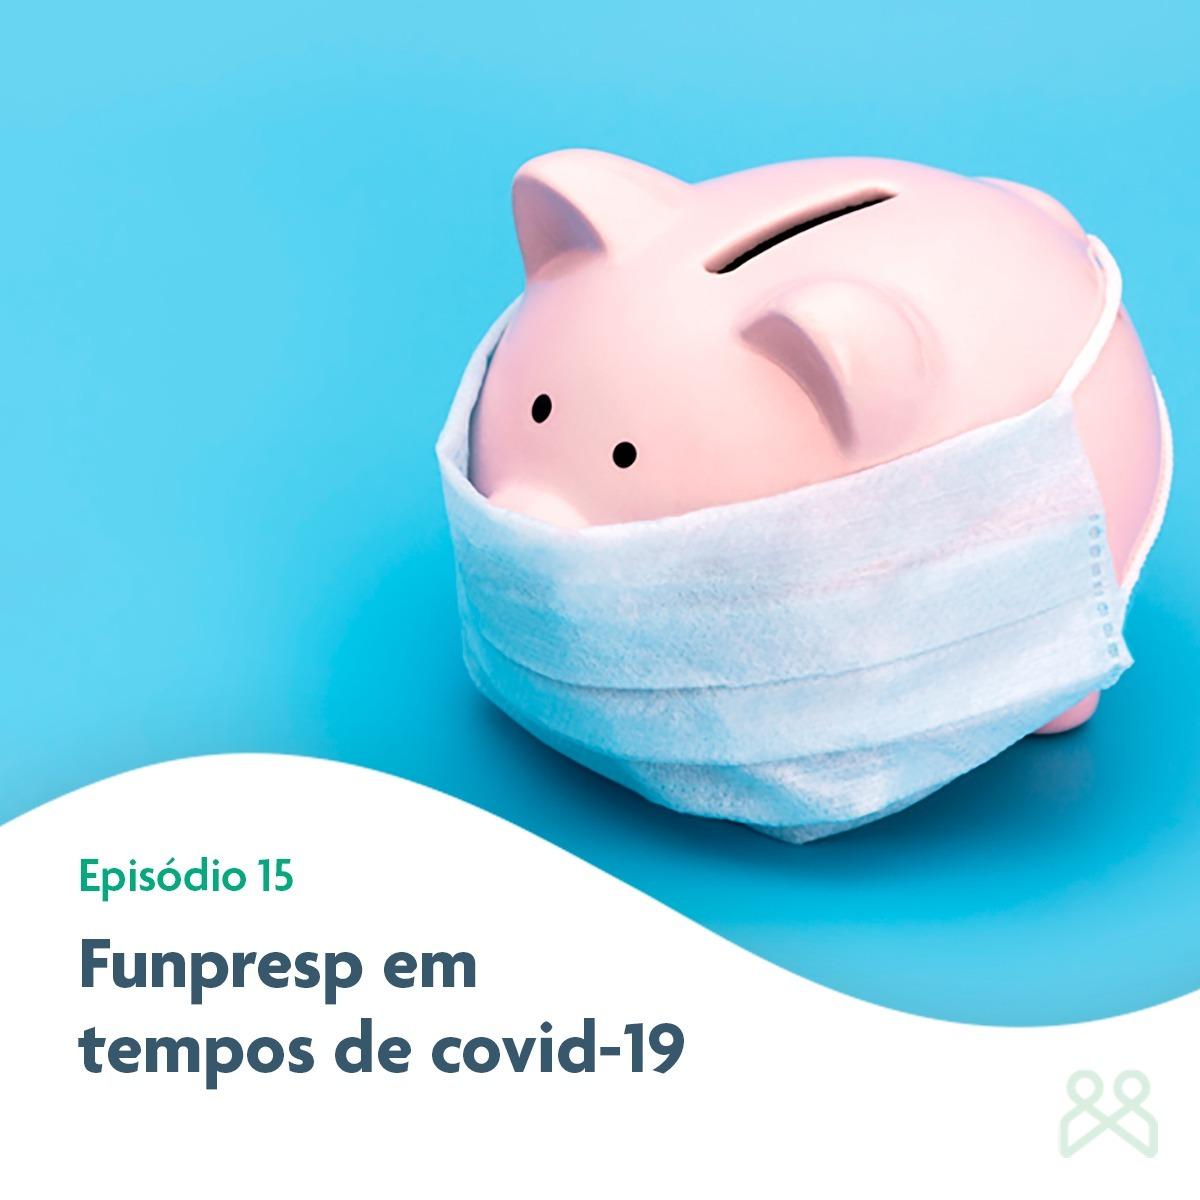 Podcast Funpresp - Funpresp em tempos de covid-19